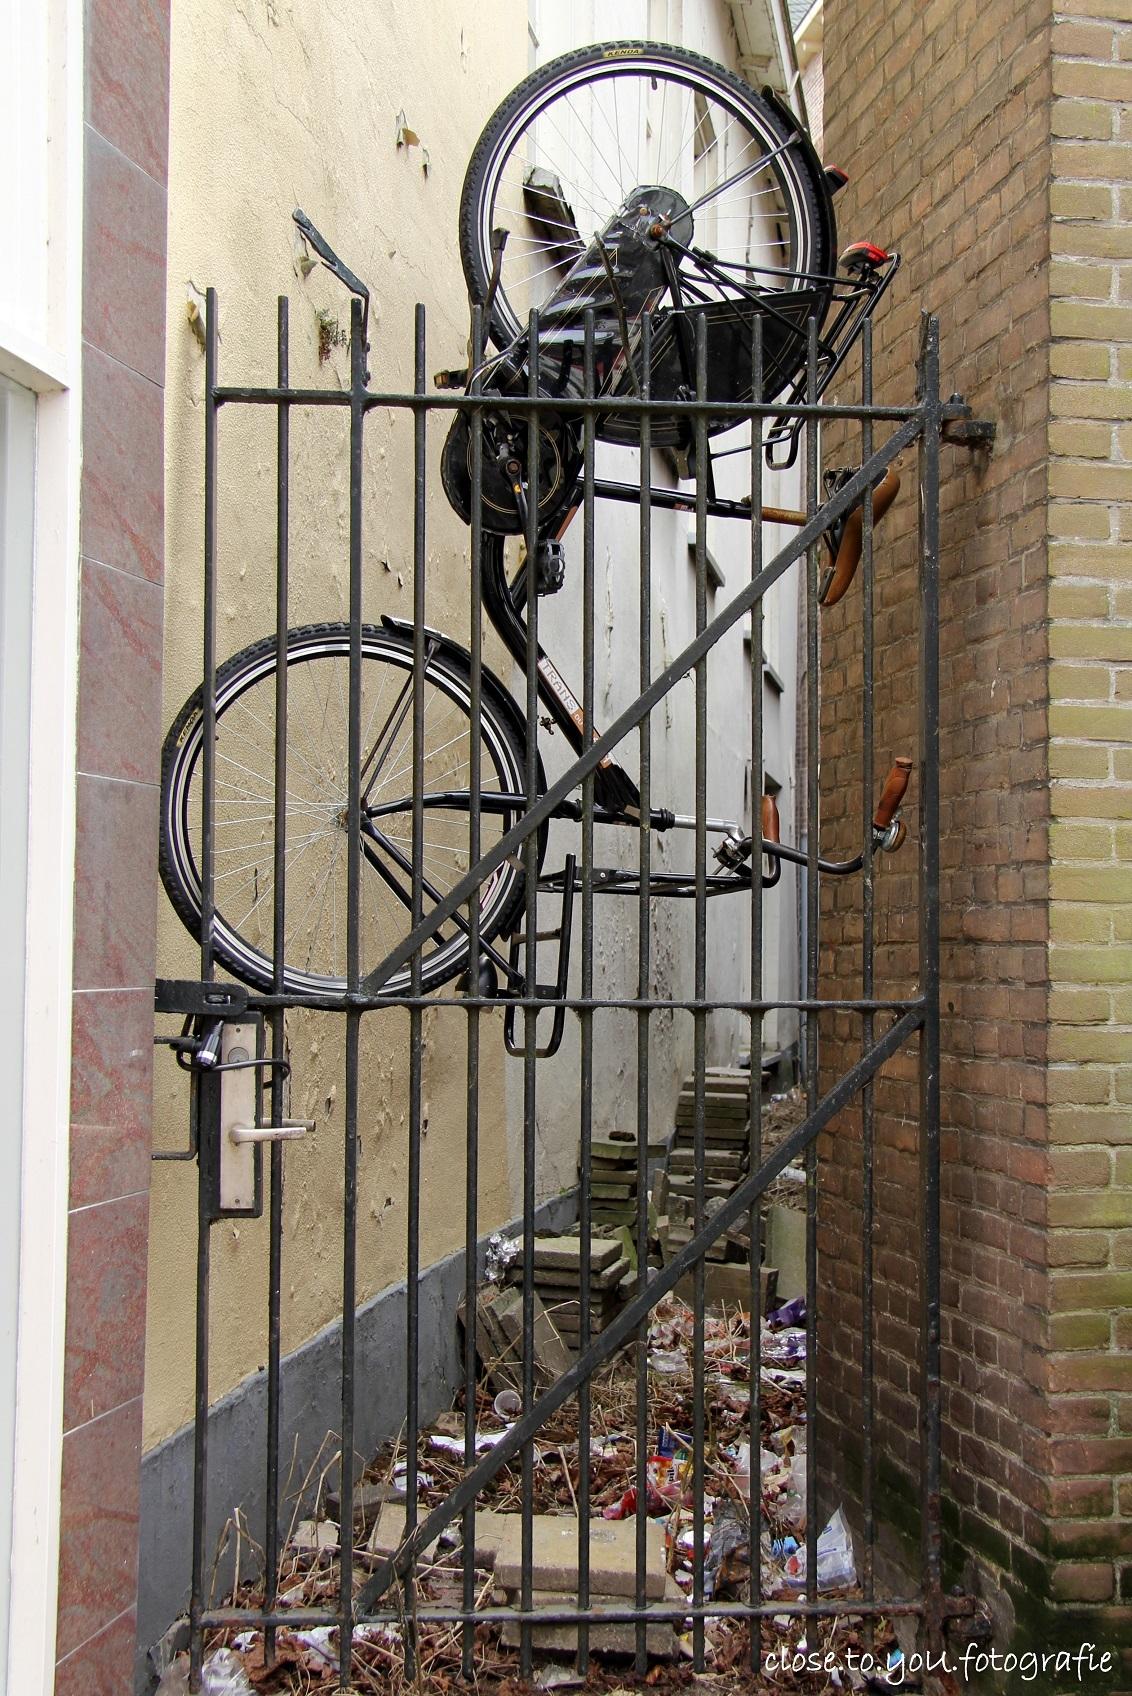 u parkeert hier.... mag dat! - zet em daar maar neer. gespot tijdens m'n steegjes tocht in Kampen. - foto door close.to.yoU.fotografie op 05-03-2013 - deze foto bevat: oud, fiets, kampen, steegje